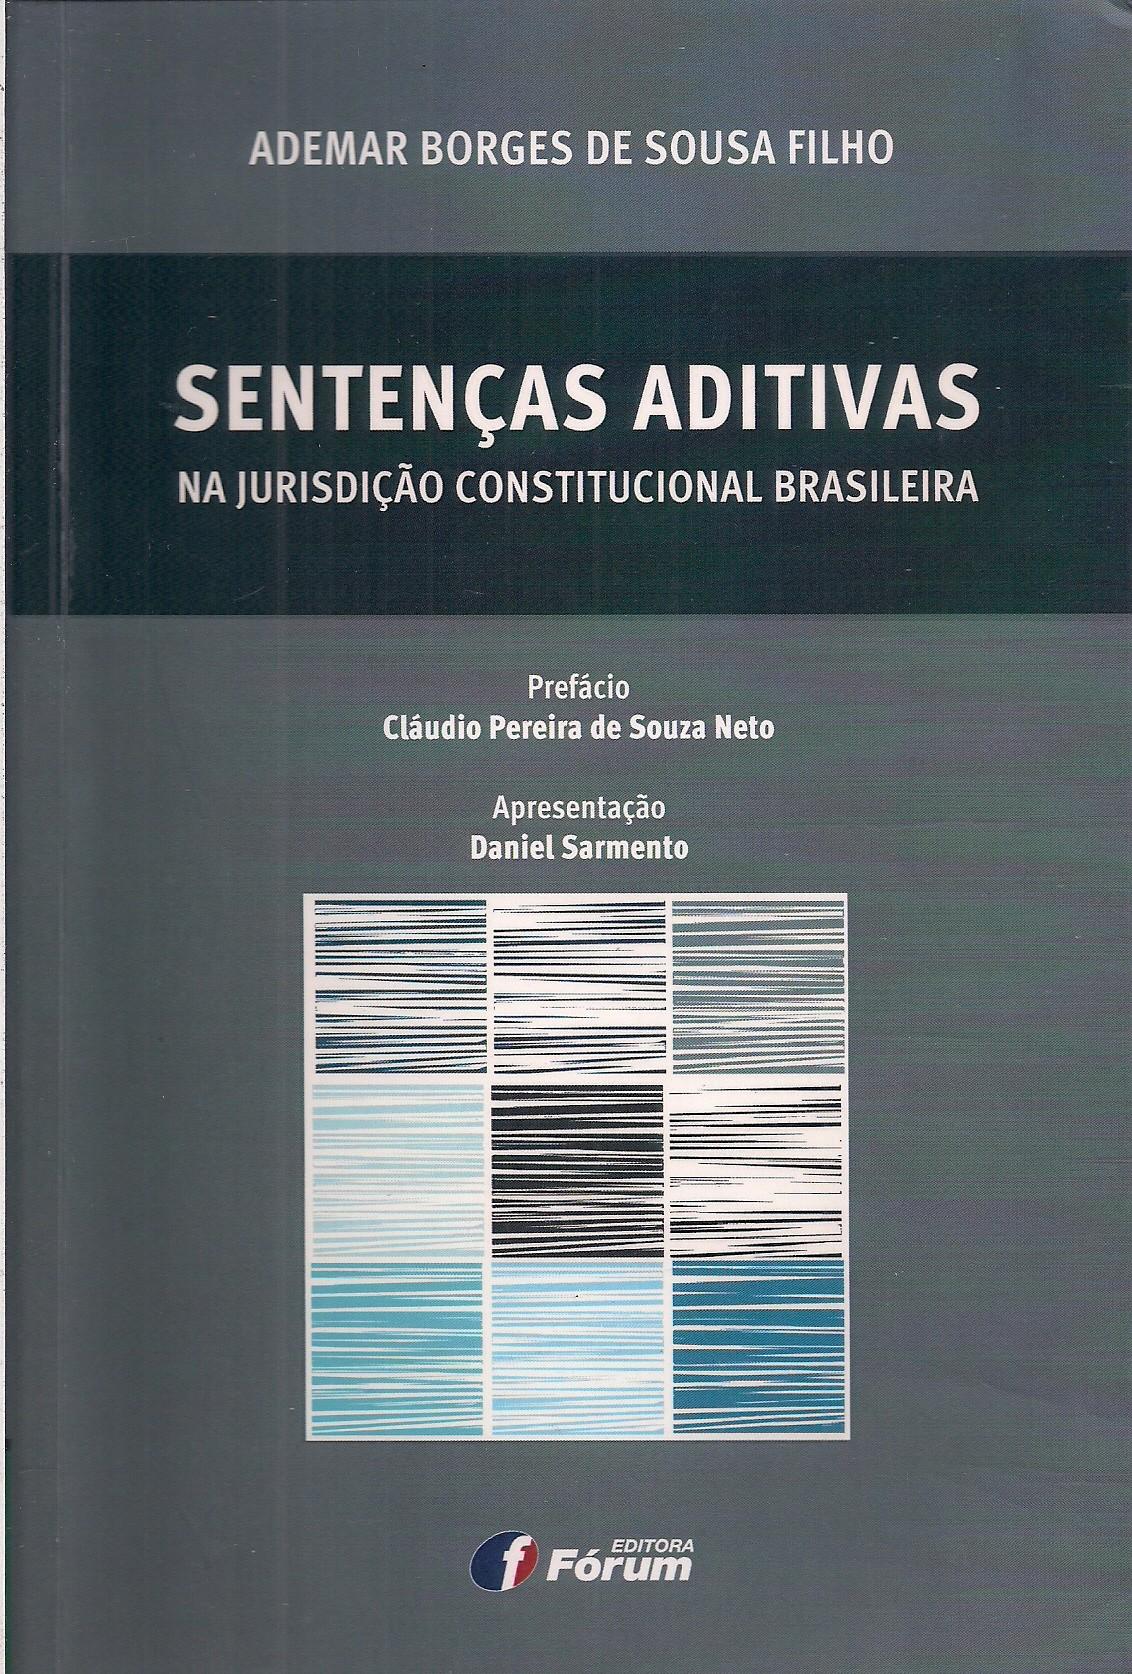 Foto 1 - Sentenças Aditivas na Jurisdição Constitucional Brasileira